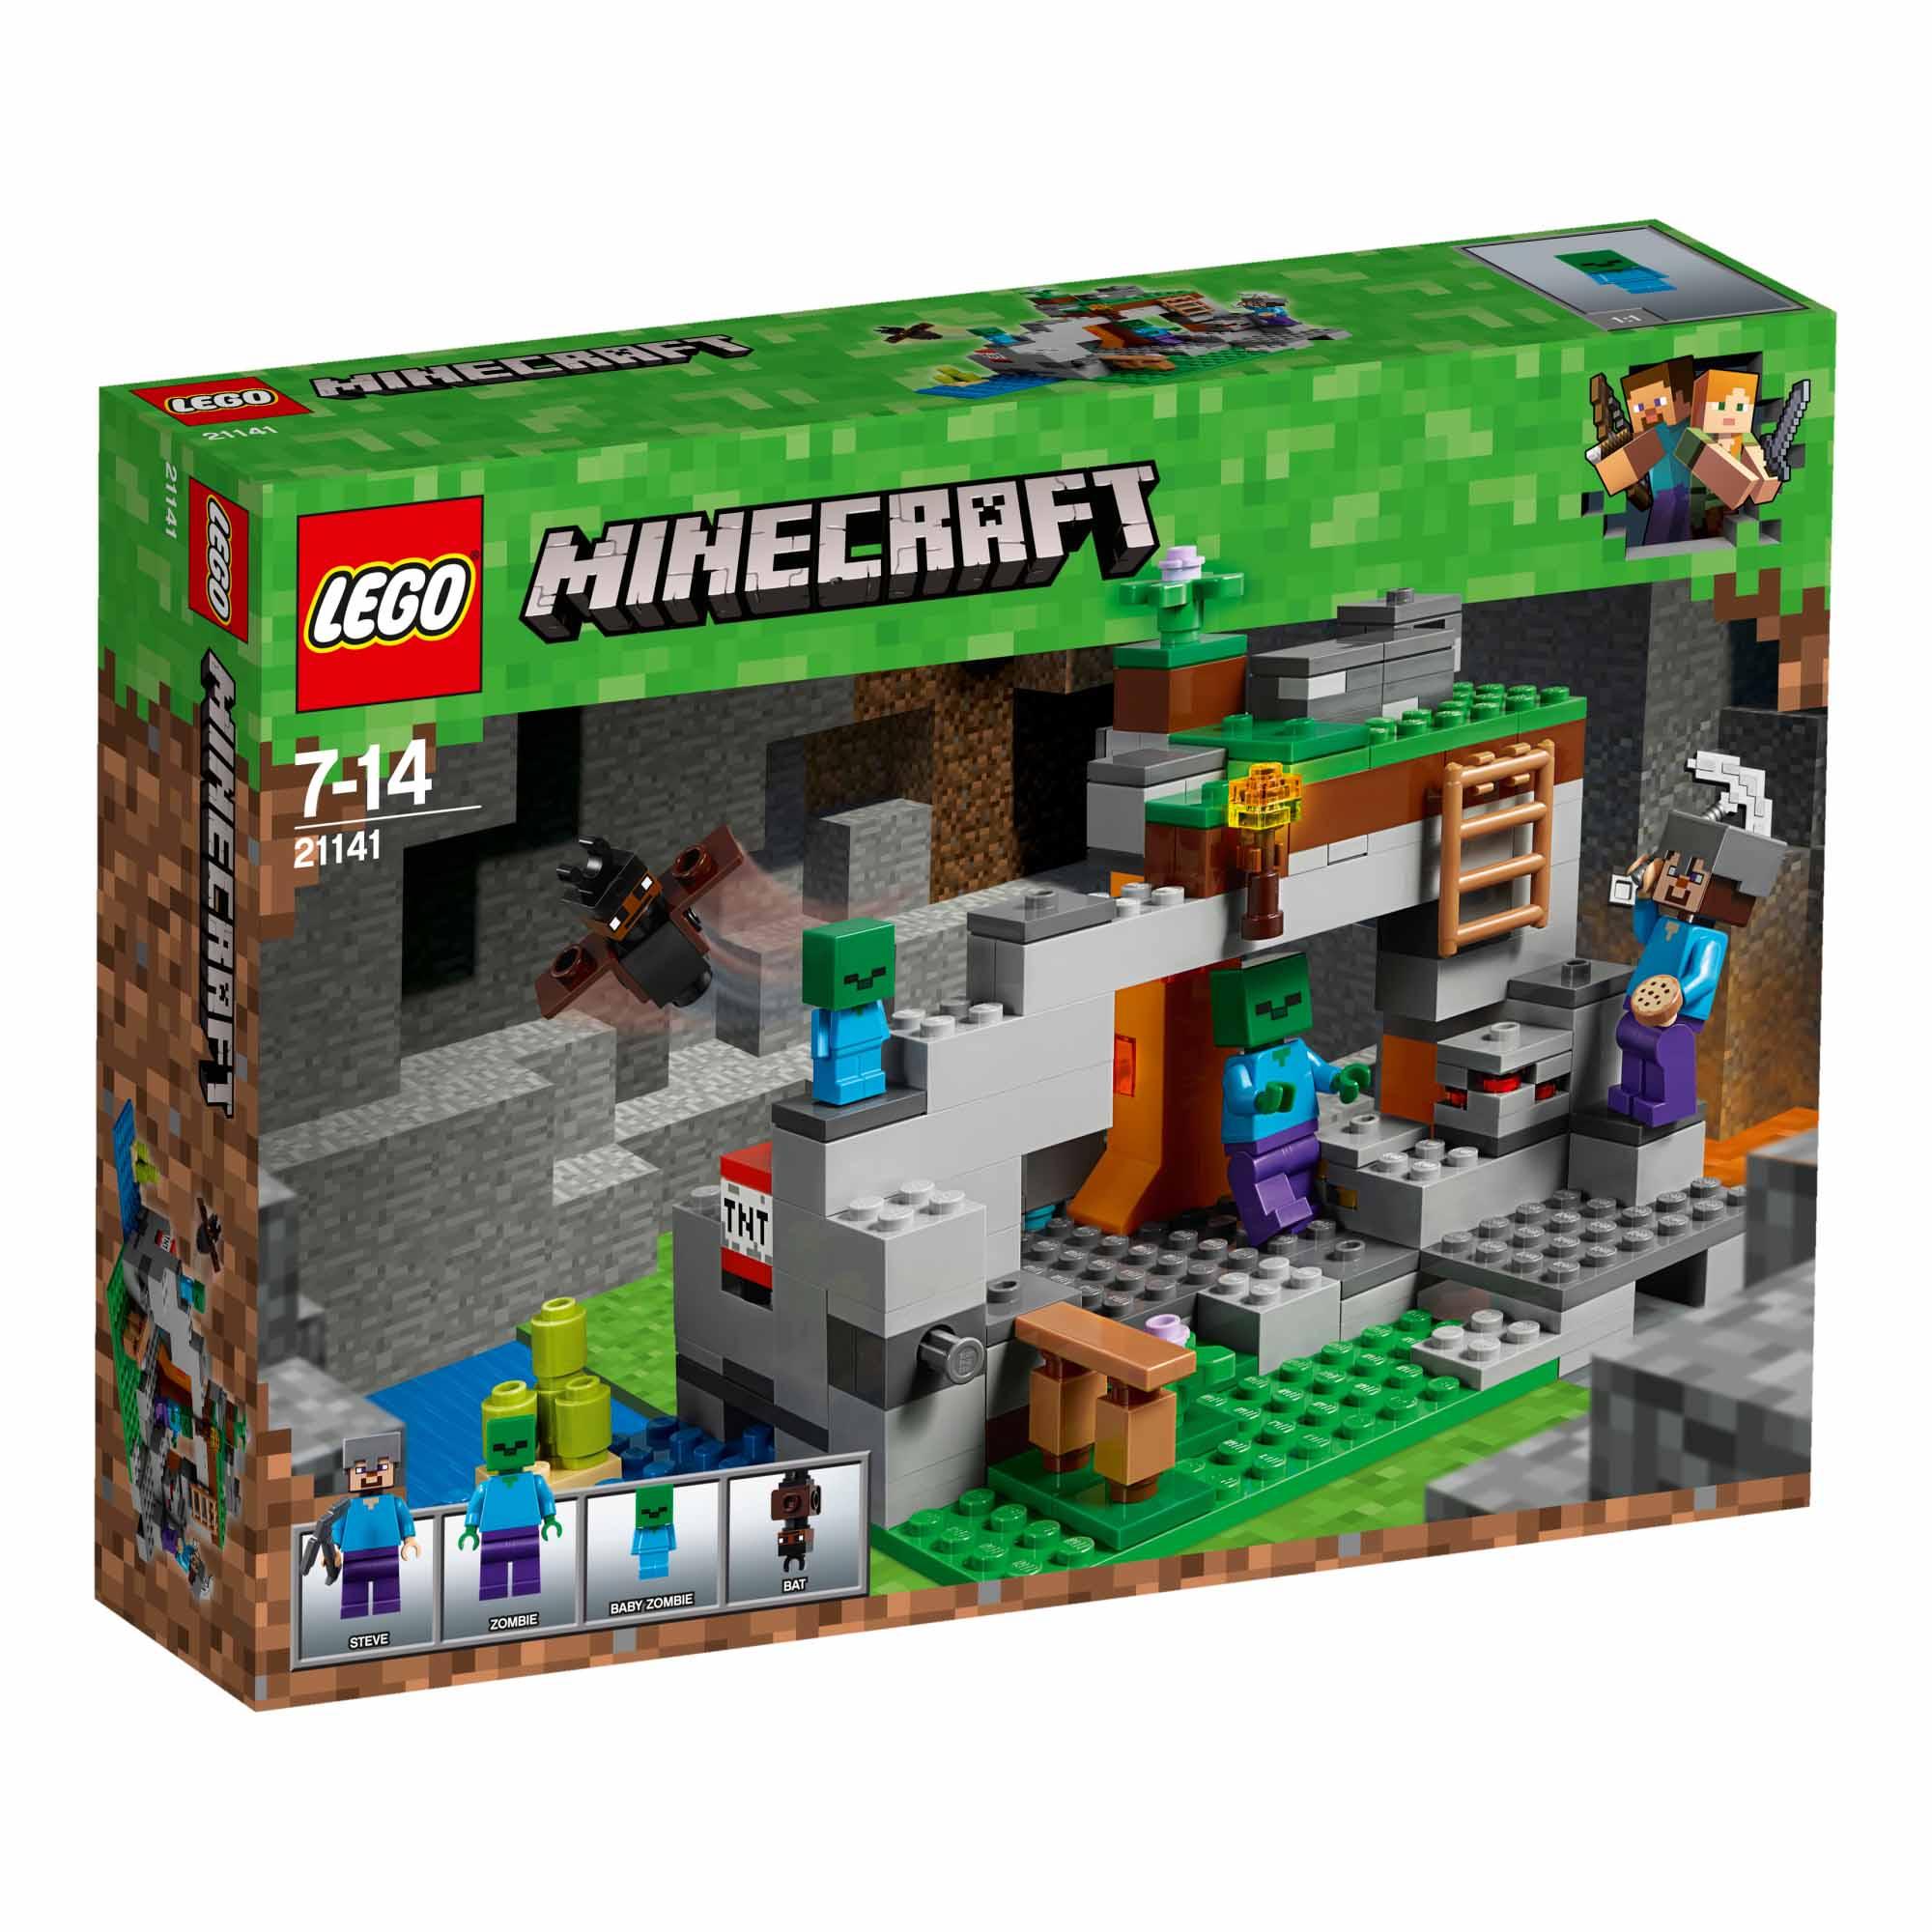 21141 La Caverna Dello Zombie Minecraft Linee